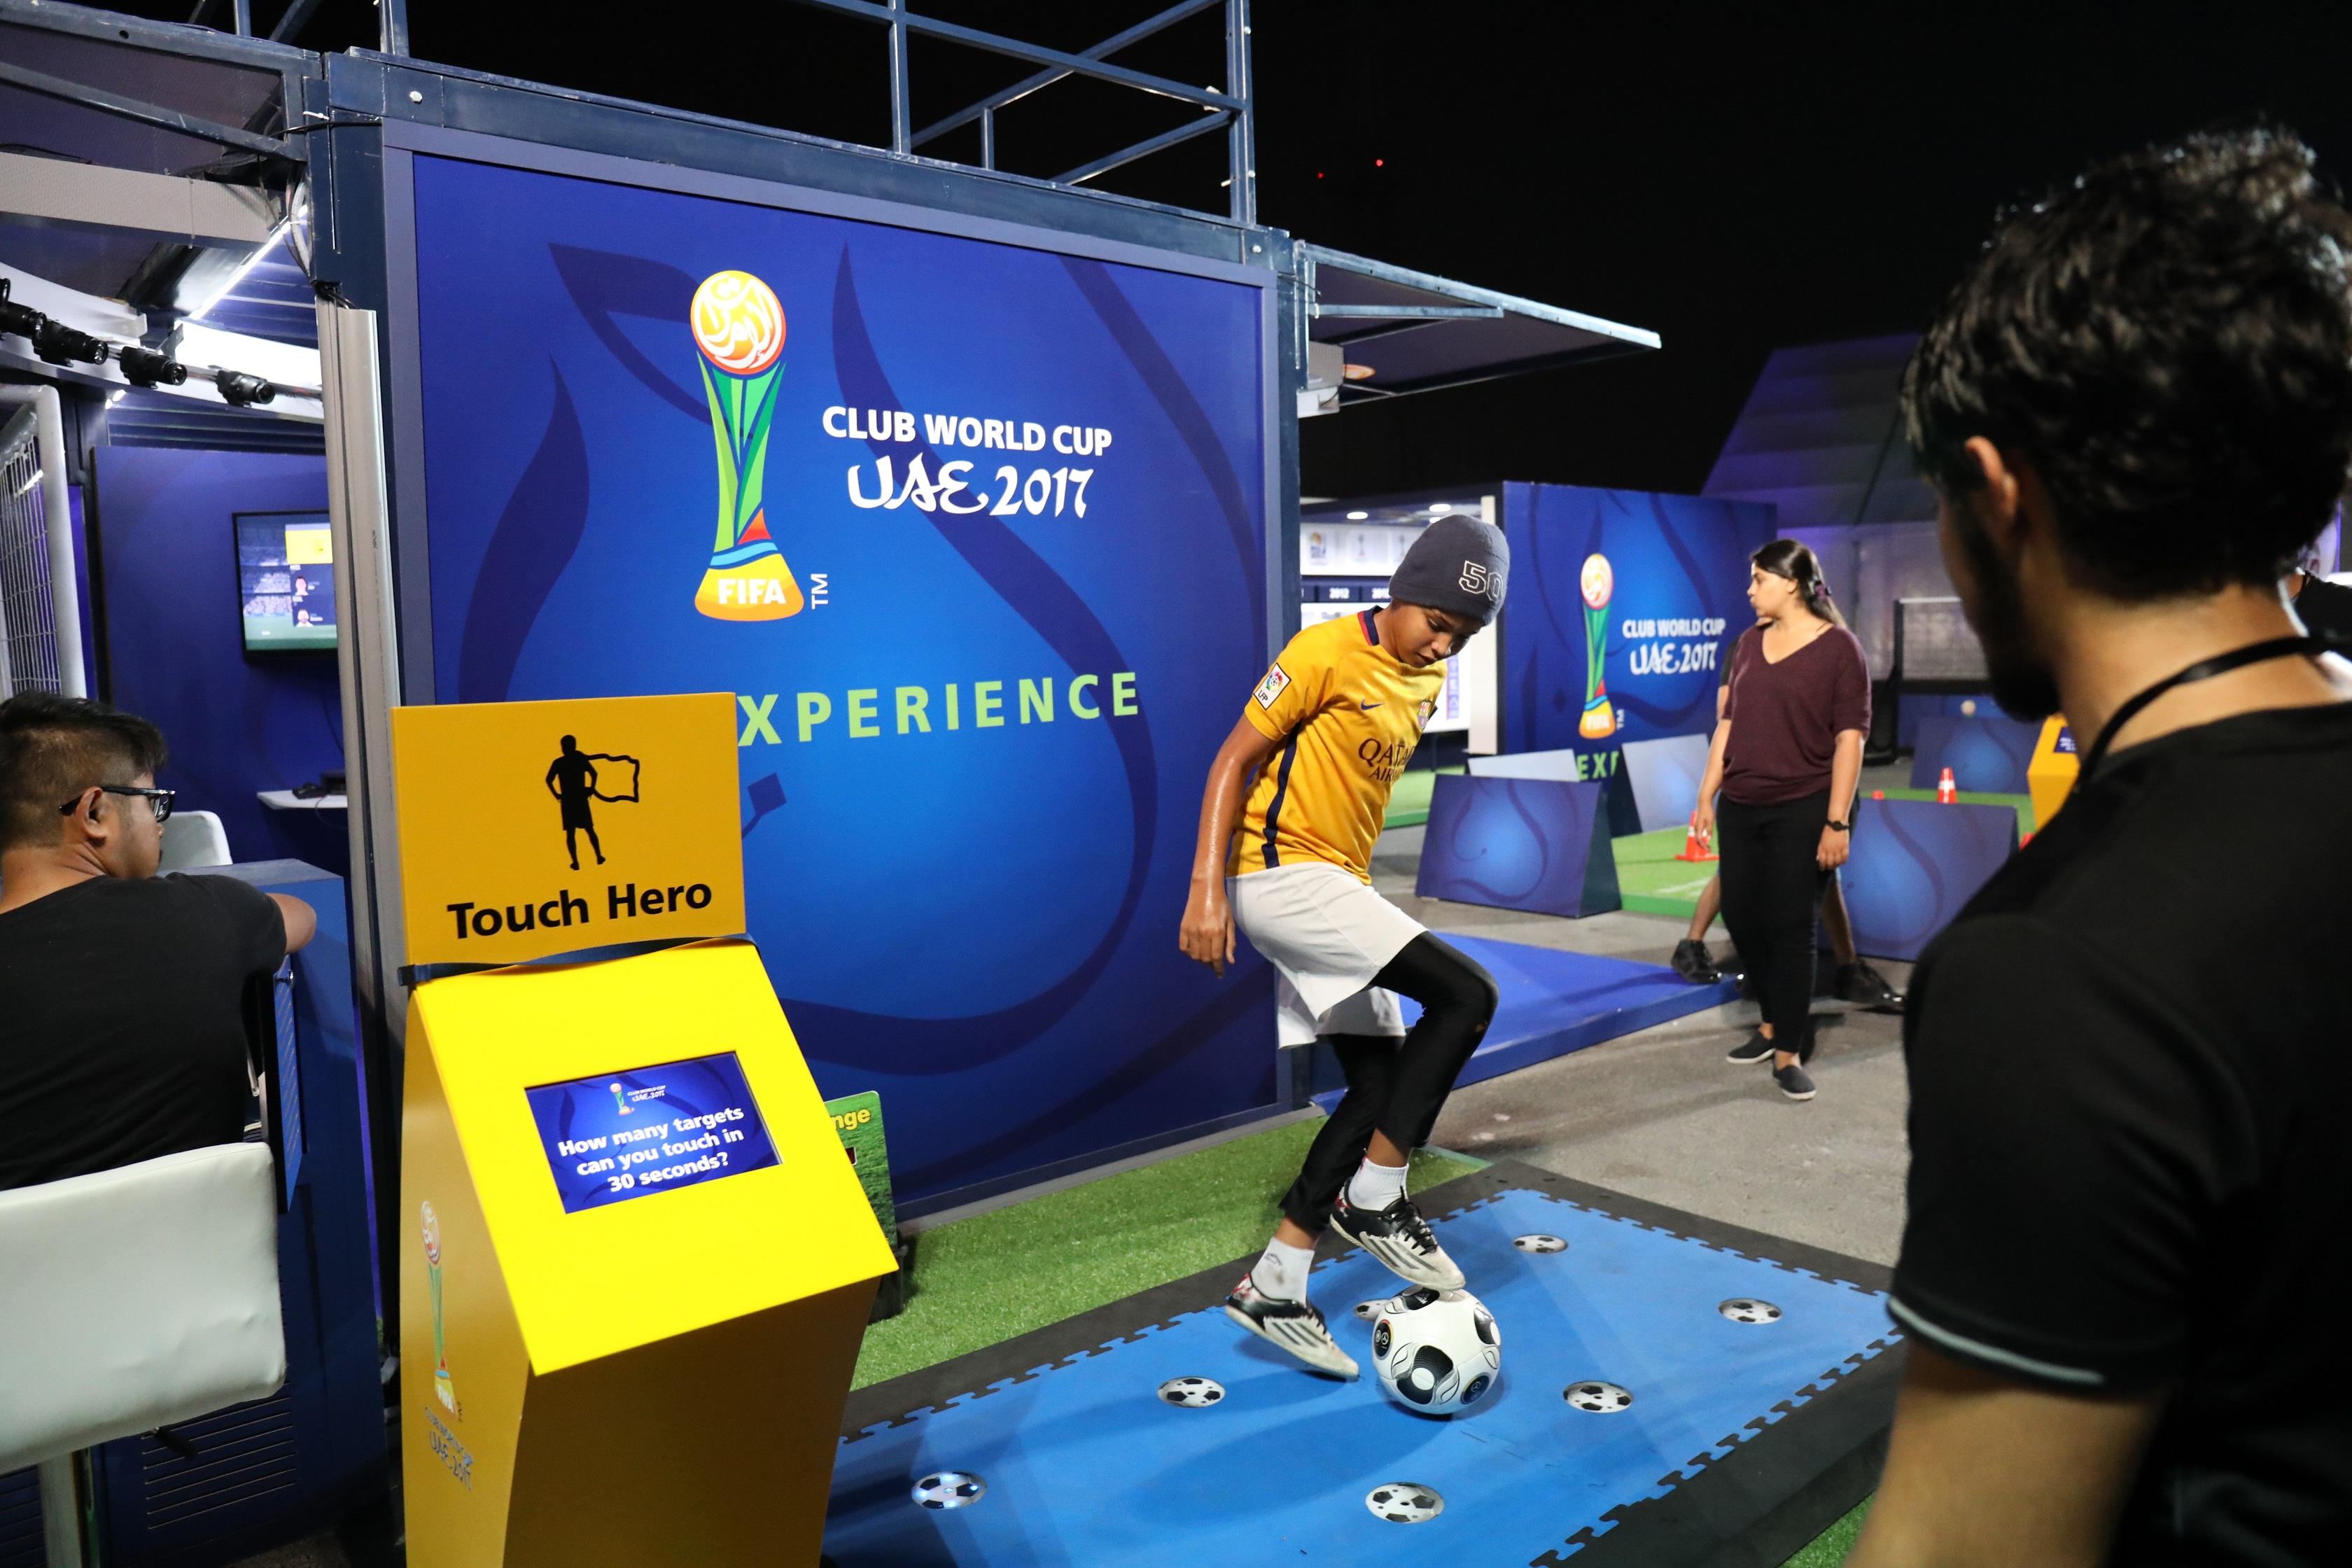 المول في المركز التجاري العالمي أبوظبي يستضيف فعاليات خاصة بعشاق كرة القدم